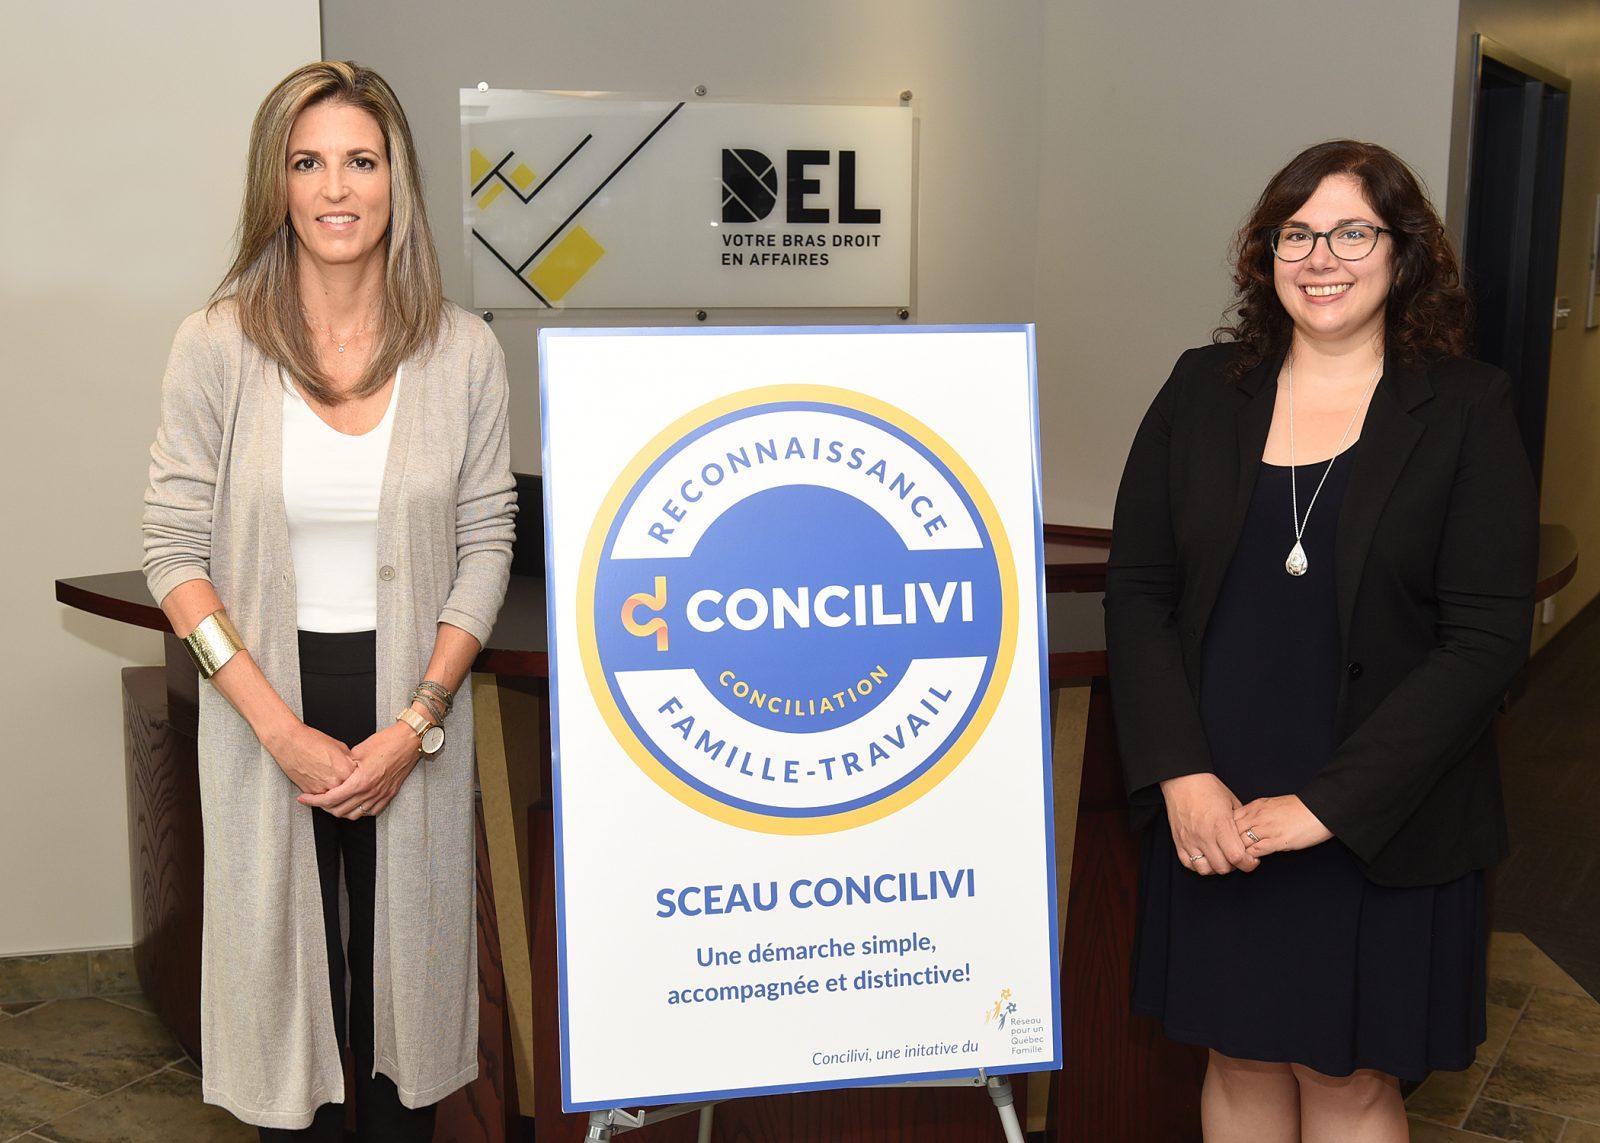 DEL reçoit un prix pour ses mesures de conciliation famille-travail